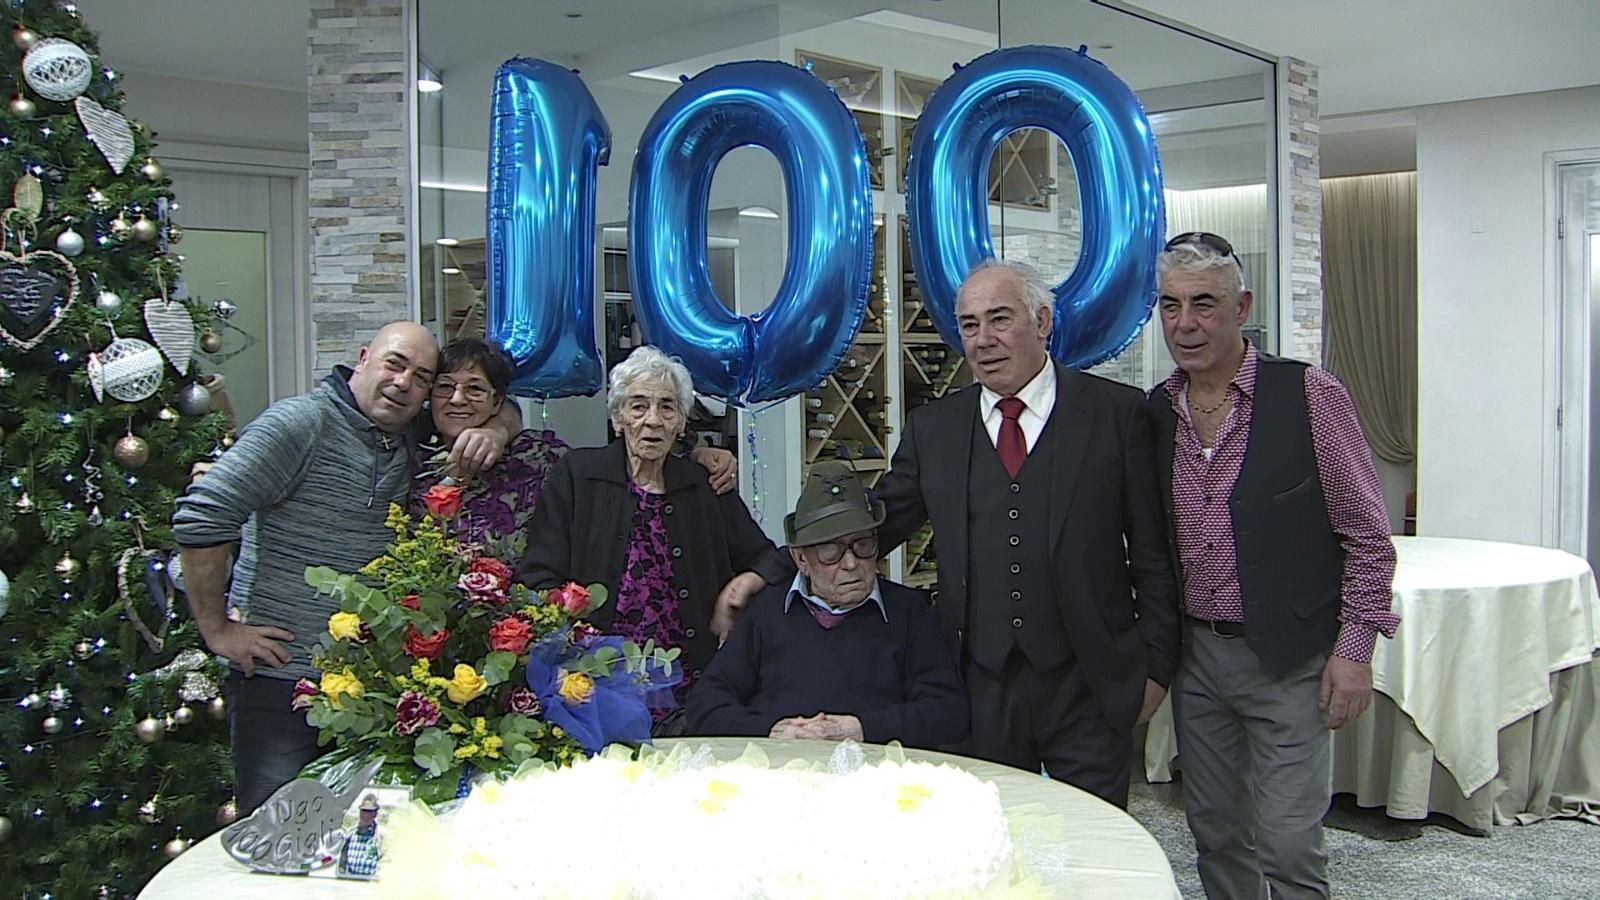 Omaggio a Ugo per i suoi 100 anni